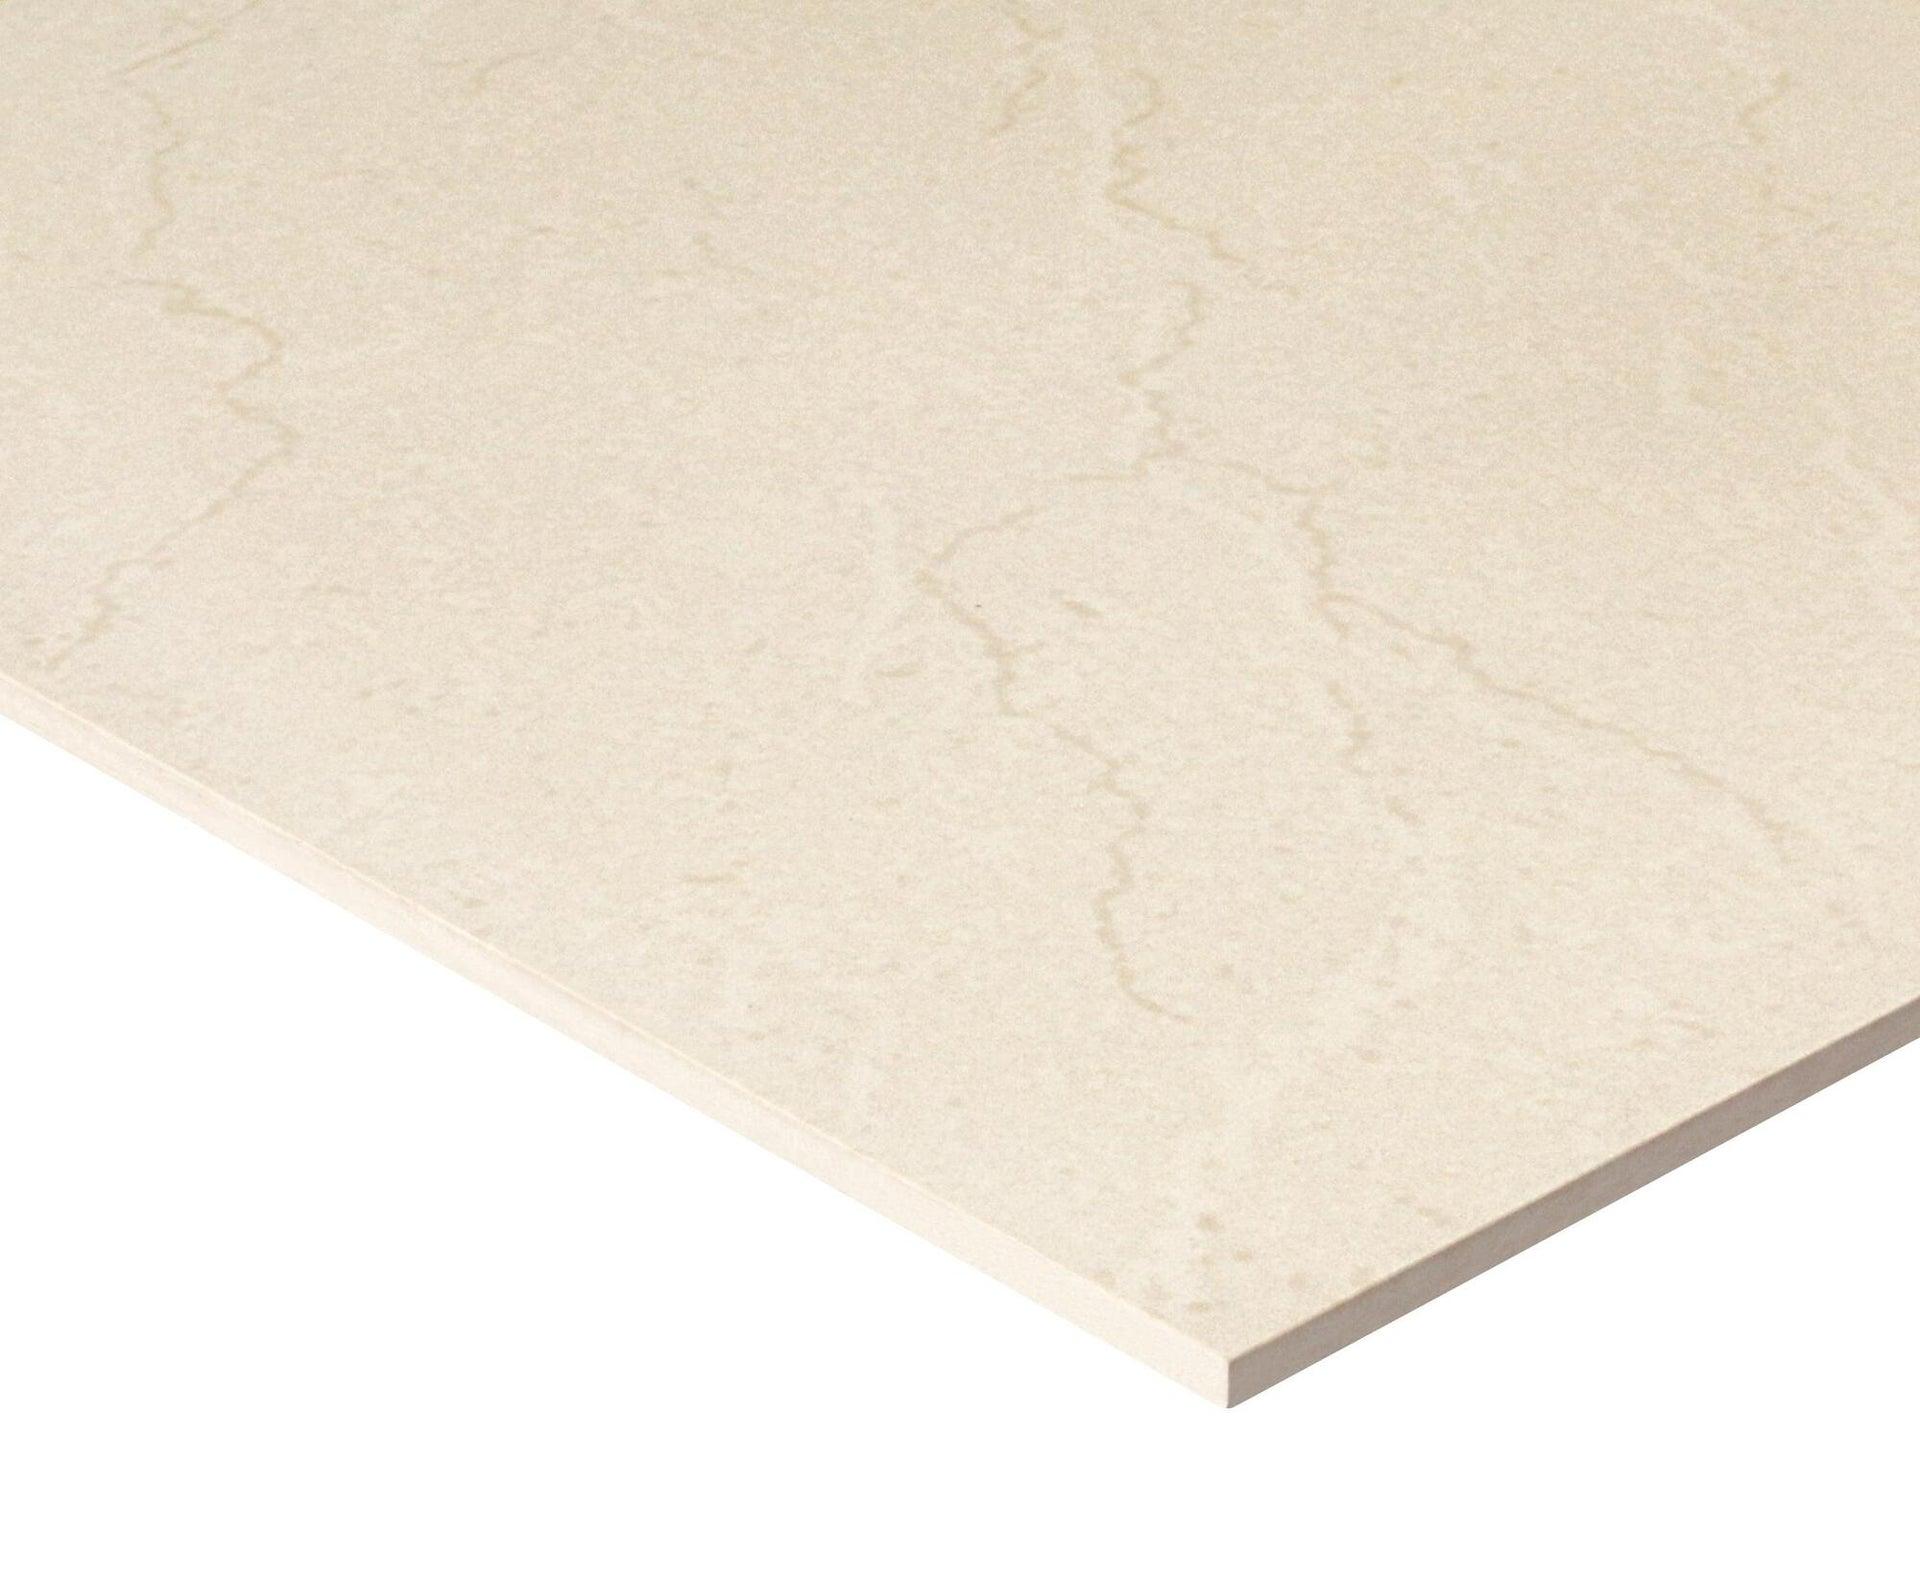 Piastrella da pavimento Madras 60 x 60 cm sp. 8.9 mm PEI 3/5 beige - 2